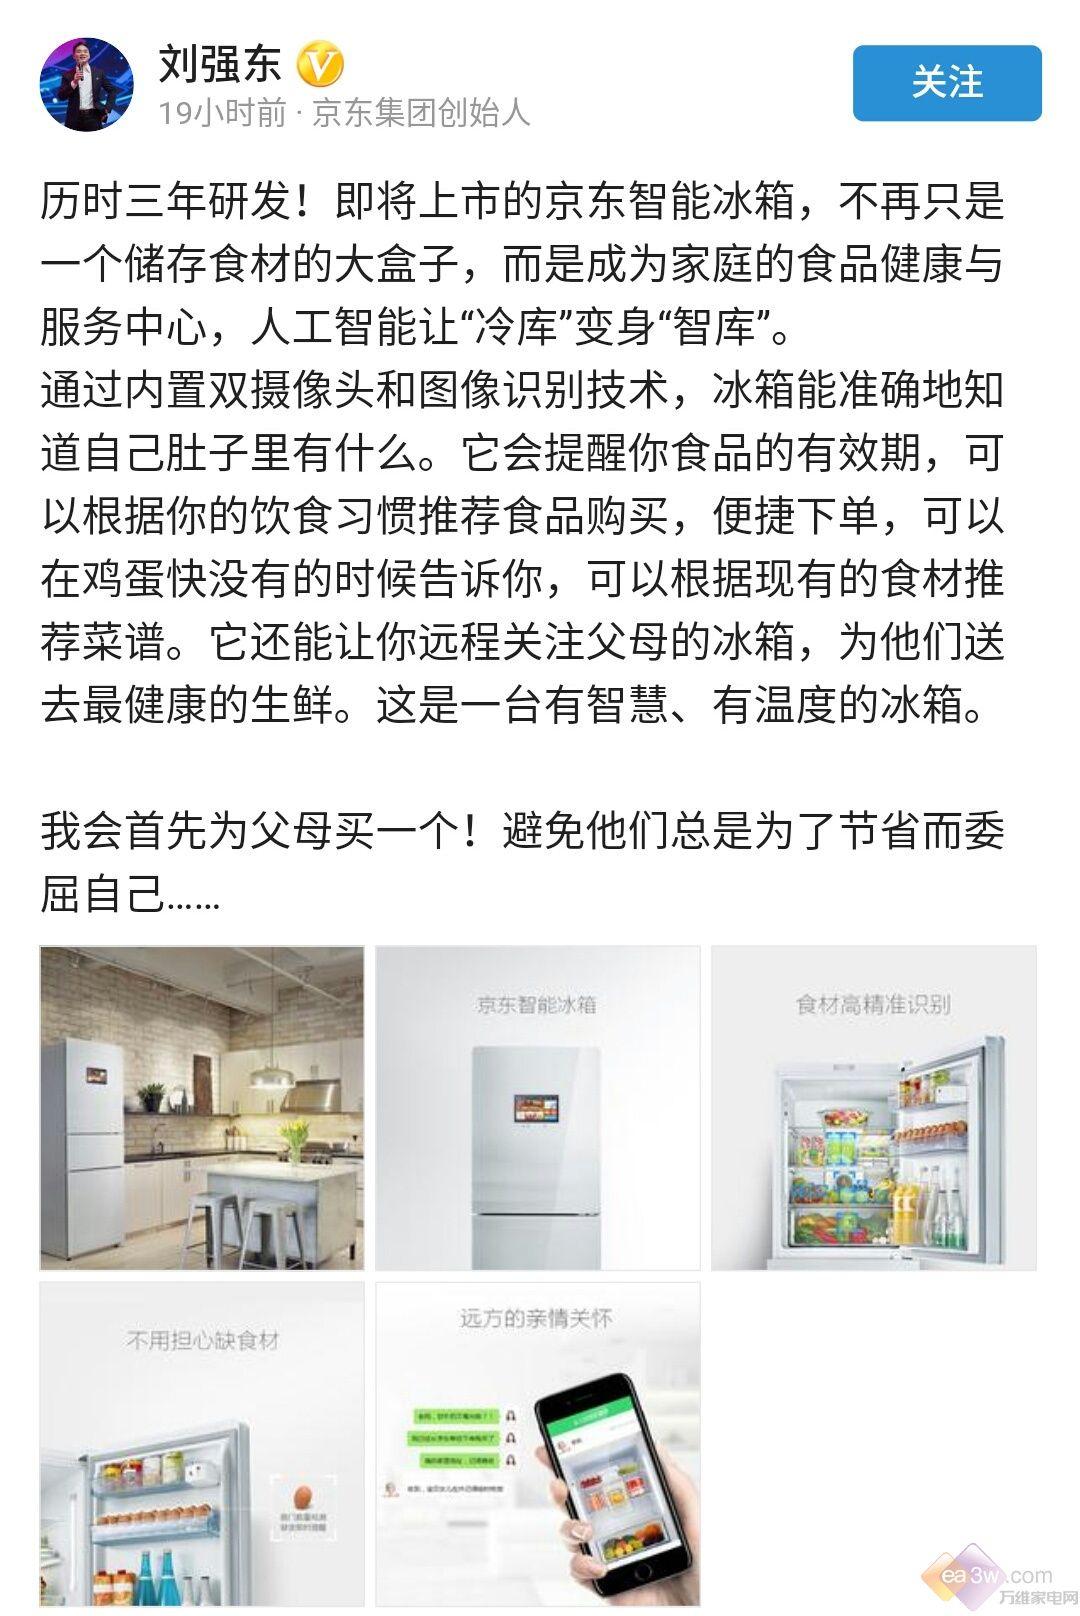 刘强东为智能冰箱代言,到底有啥新花样?